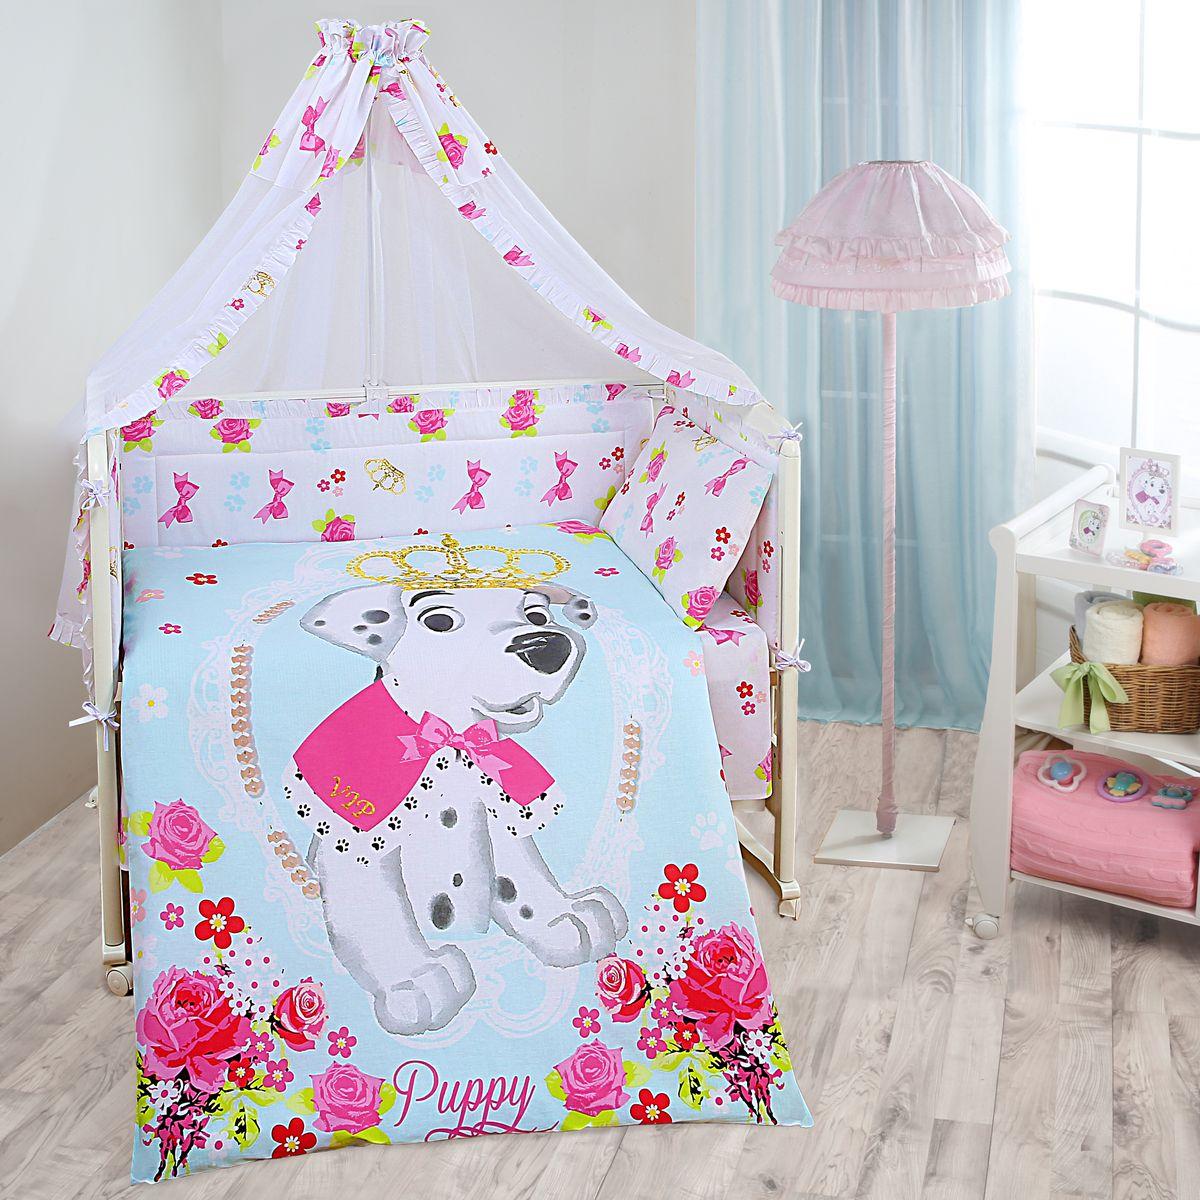 Комплект в кроватку Mona Liza Disney baby Далматинец винтаж, цвет: белый, 7 предметов521262Комплект в кроватку Mona Liza Disney baby Далматинец винтаж прекрасно подойдет для кроватки вашего малыша, добавит комнате уюта и согреет в прохладные дни. В качестве материала верха использован натуральный хлопок, мягкая ткань не раздражает чувствительную и нежную кожу ребенка и хорошо вентилируется. Бортик, подушка и одеяло наполнены 100% полиэфиром. Балдахин выполнен из 100% полиэфира с отделкой 100% хлопка. Комплект состоит из: бортиков 40 см х 60 см - 2 шт, 40 см х 120 см - 2 шт, балдахина 150 см х 300 см, плоской подушки 40 см х 60 см, зимнего одеяла 105 см х 140 см, пододеяльника 110 см х 145 см, наволочки 40 см х 60 см, простыни 100 см х 145 см. Элементы комплекта выполнены из 100% хлопка и оформлены аппликацией в виде забавного щенка далматинца. Очень важно, чтобы ваш малыш хорошо спал - это залог его здоровья, а значит вашего спокойствия. Согласно рекомендациям детских врачей, лучше всего...